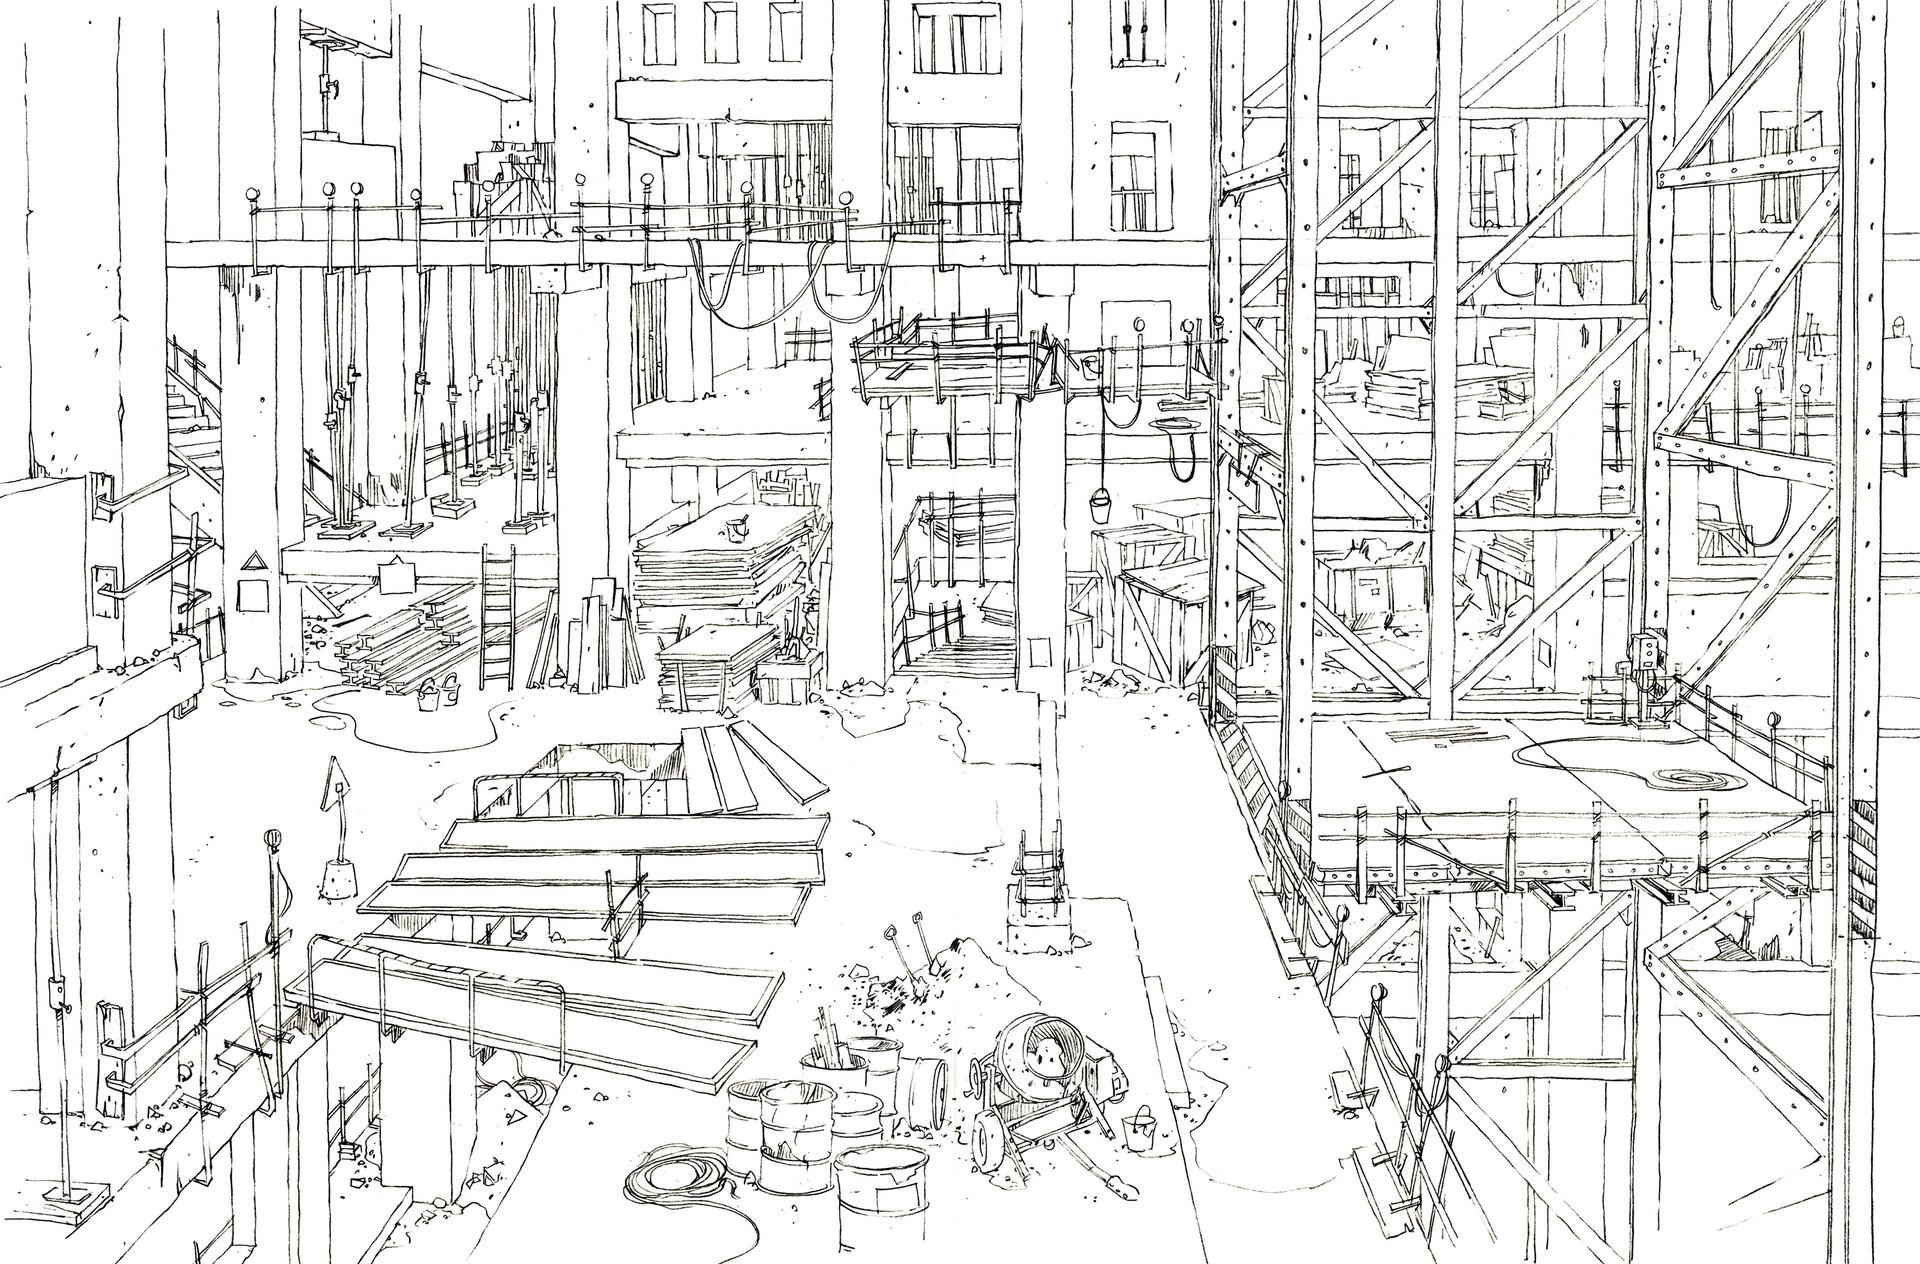 Tokkun studio constructionbuildingcleanup